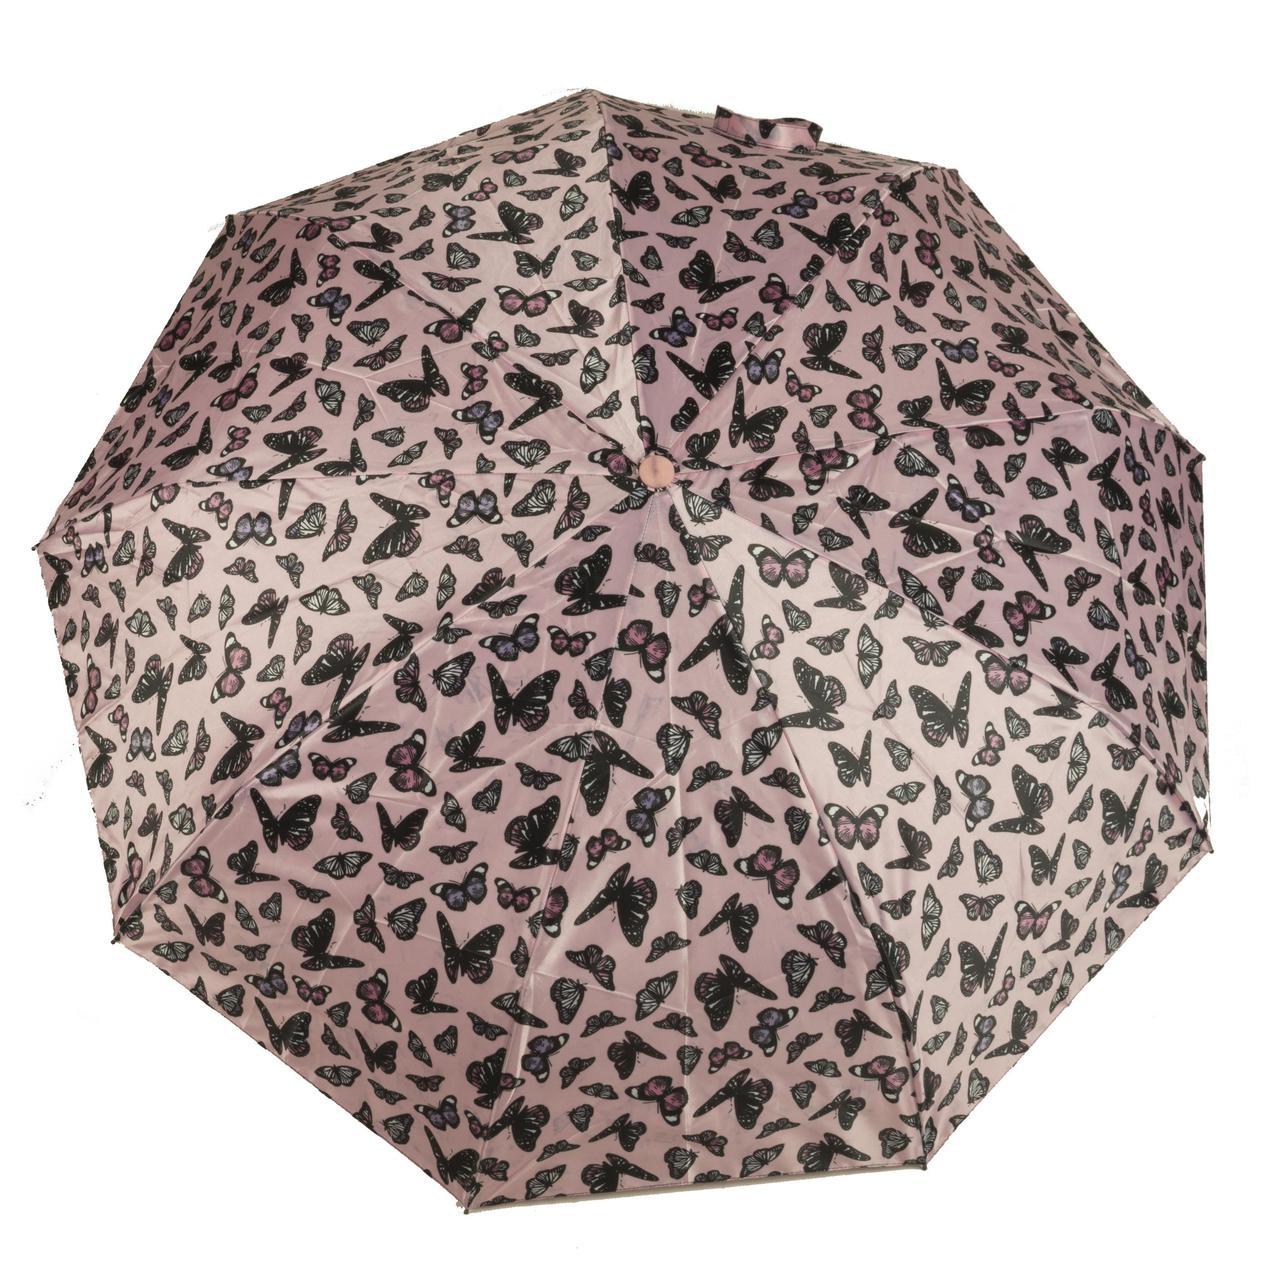 Женский симпатичный прочный зонтик автомат Frai REGEN  art. 565 розовый/черный (102936)